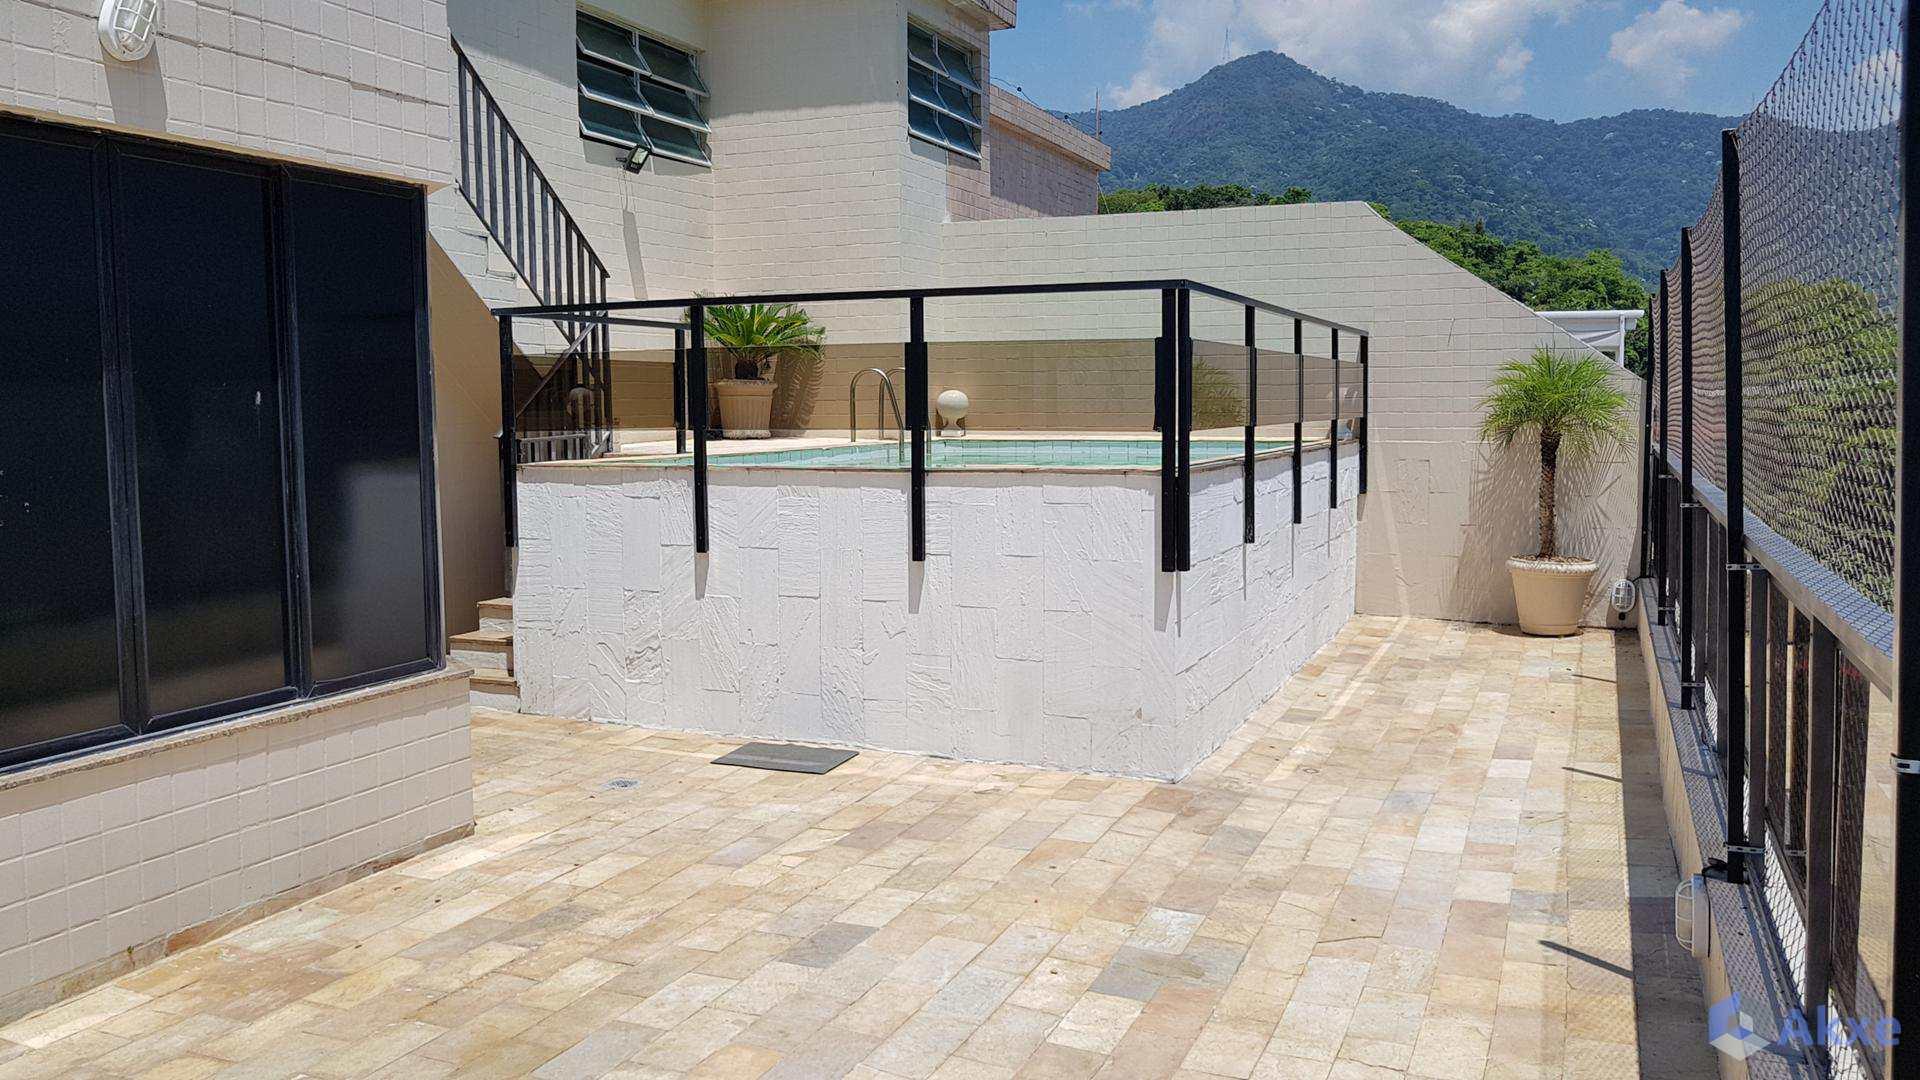 Cobertura com 4 quartos, Leblon, Rio de Janeiro, triplex, 279m